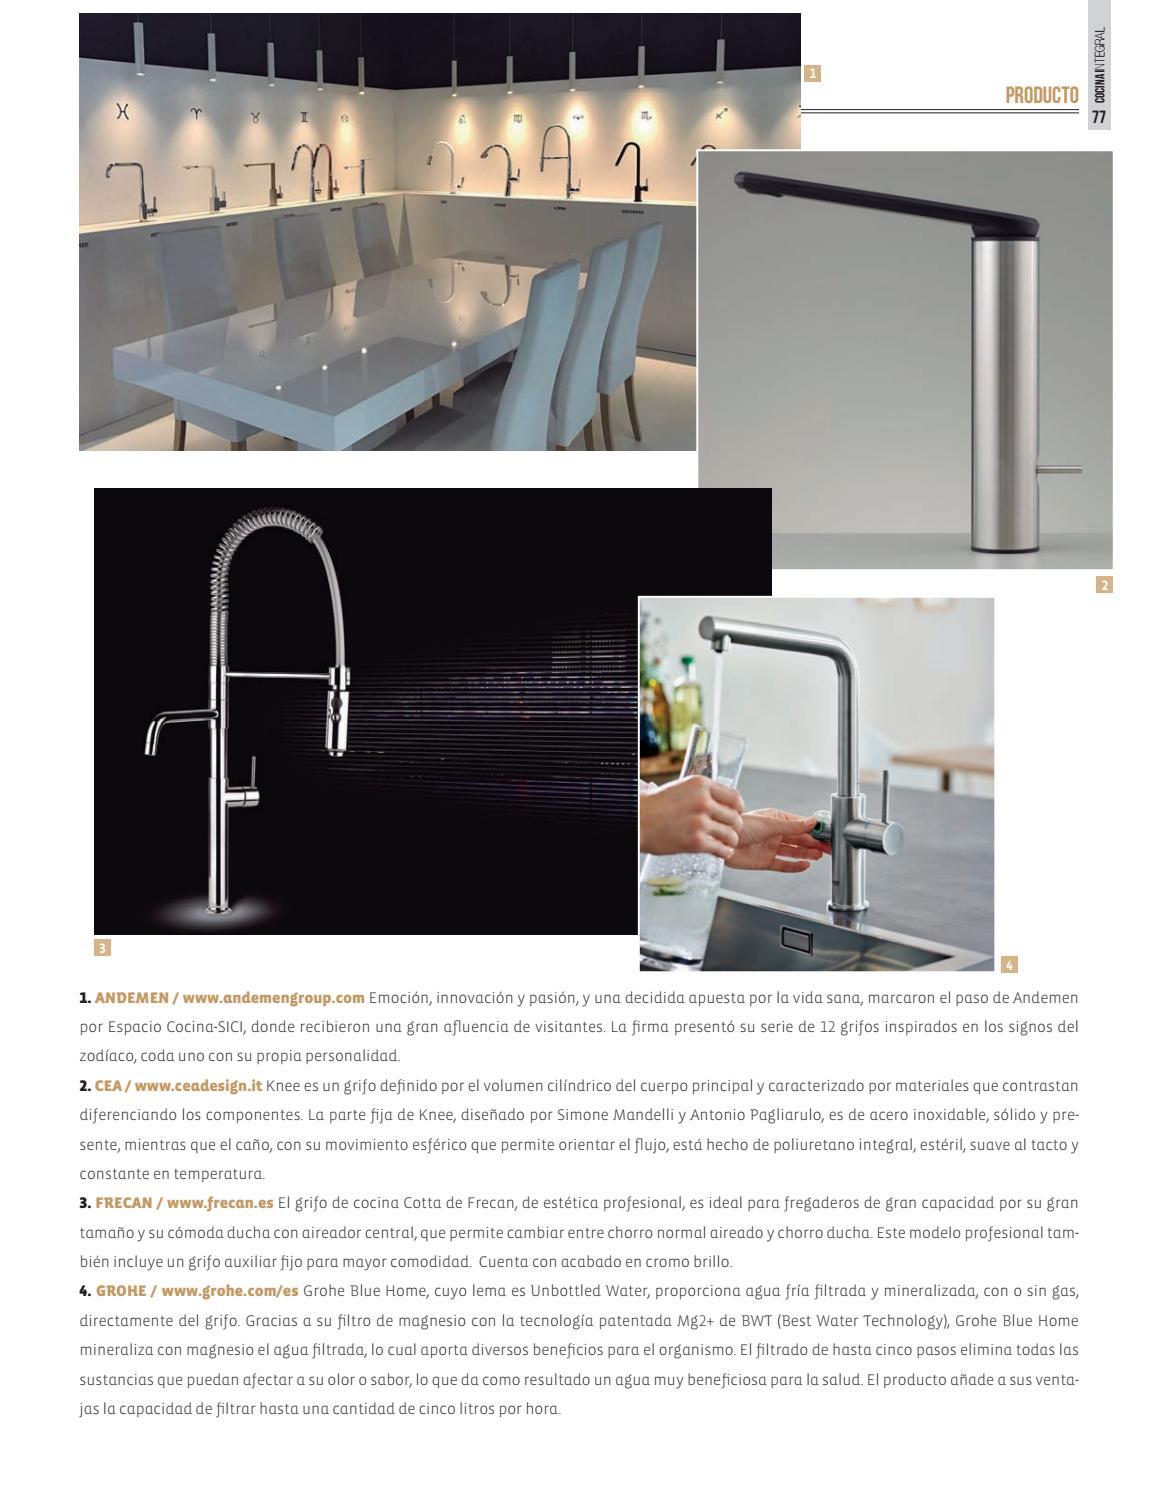 Cocina integral 110 by cocinaintegral page 77 issuu for Componentes de una cocina integral